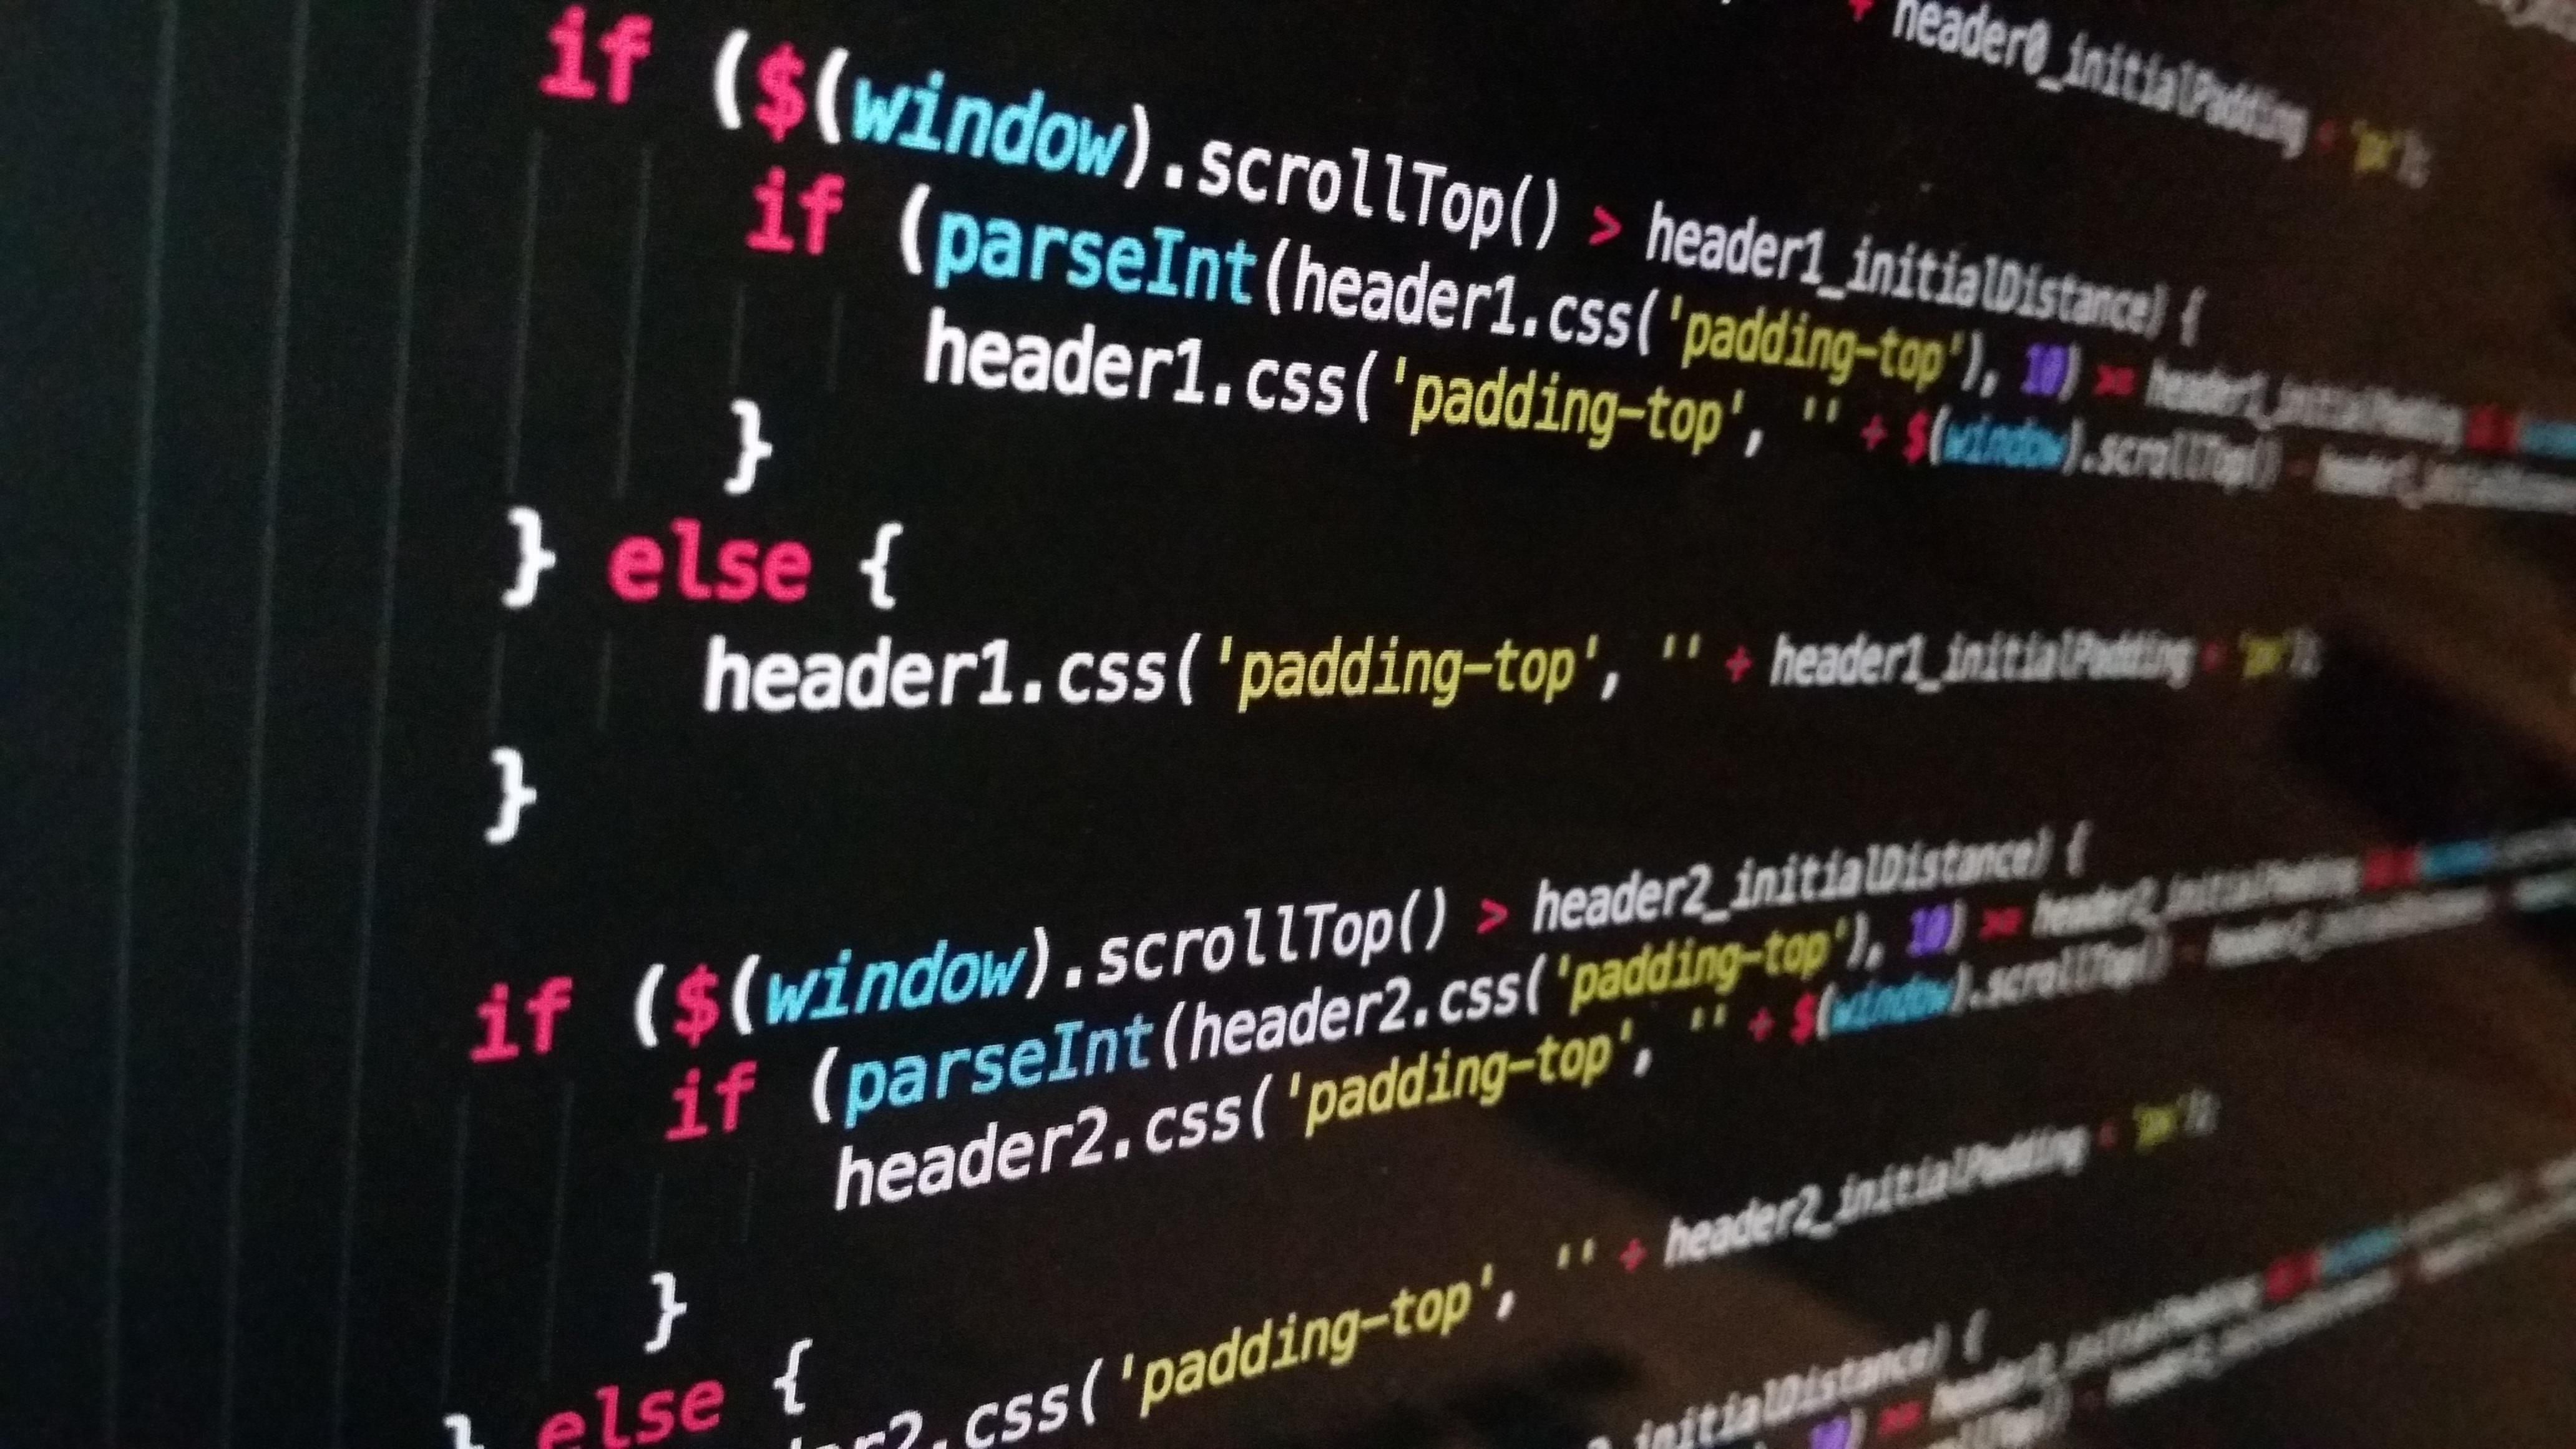 DevOps teams will build the IIoT